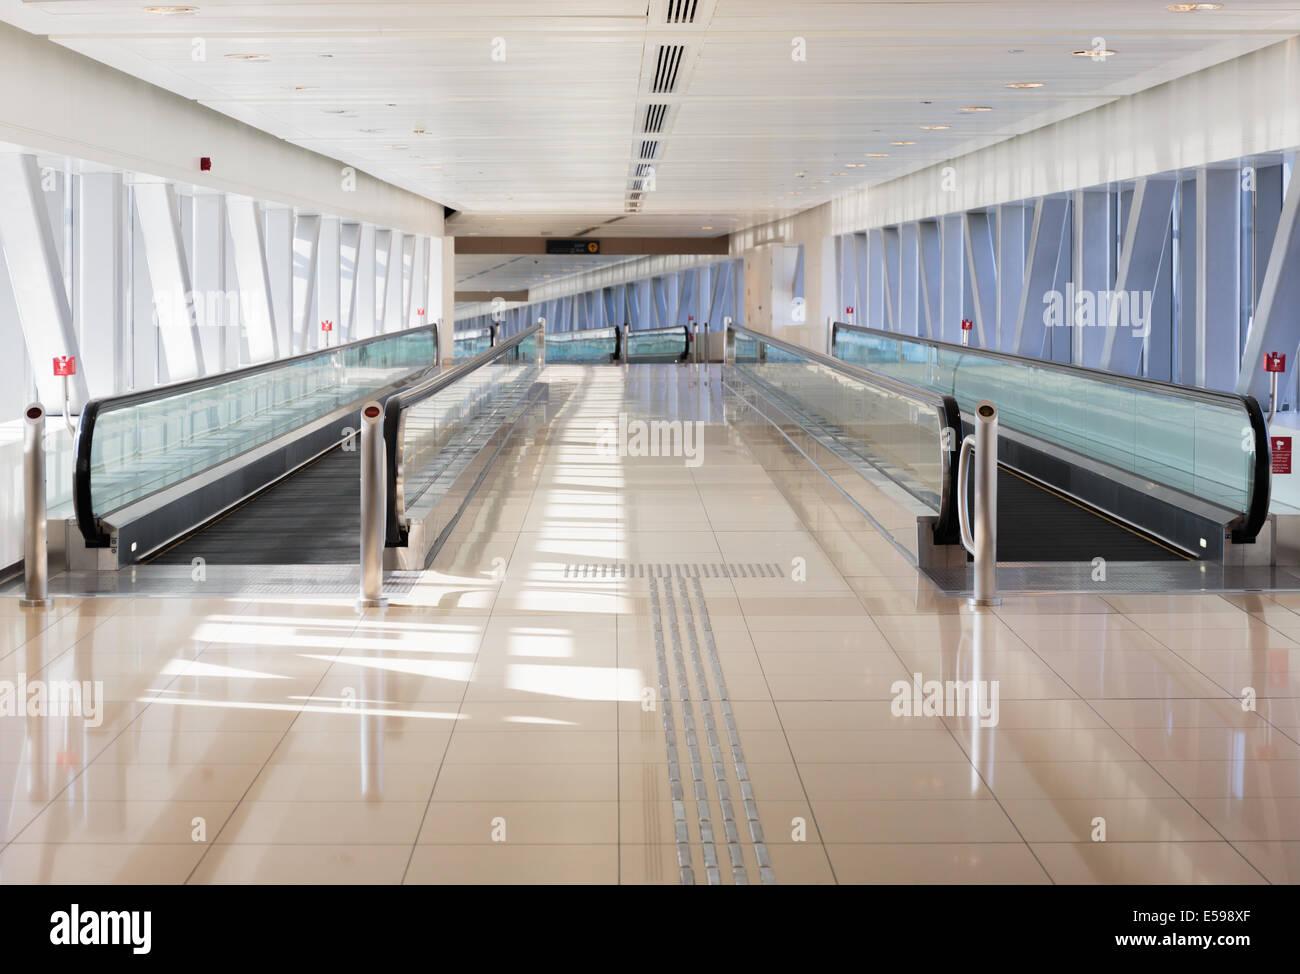 DUBAI, Vereinigte Arabische Emirate - 31 Oktober: Innenraum der u-Bahnstation in Dubai. U-Bahn als weltweit längste vollautomatische u-Bahn-Netz (75 km) auf O Stockfoto